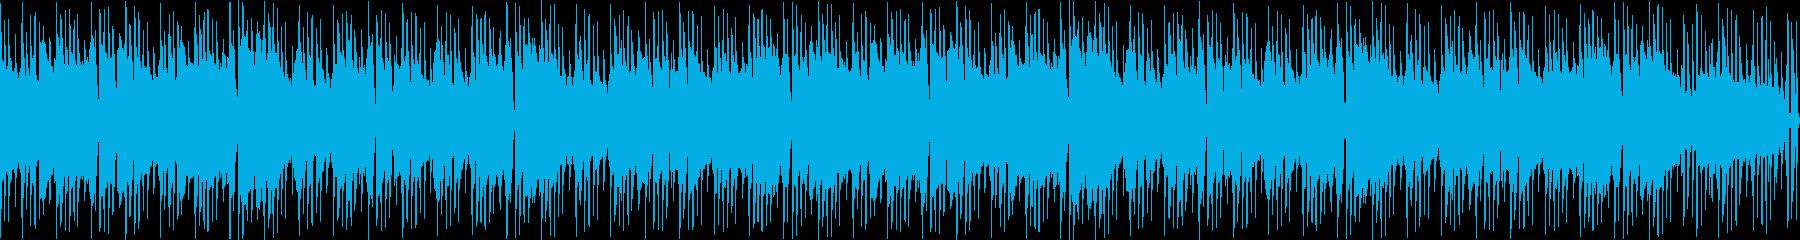 ループ可能なピアノロックの再生済みの波形